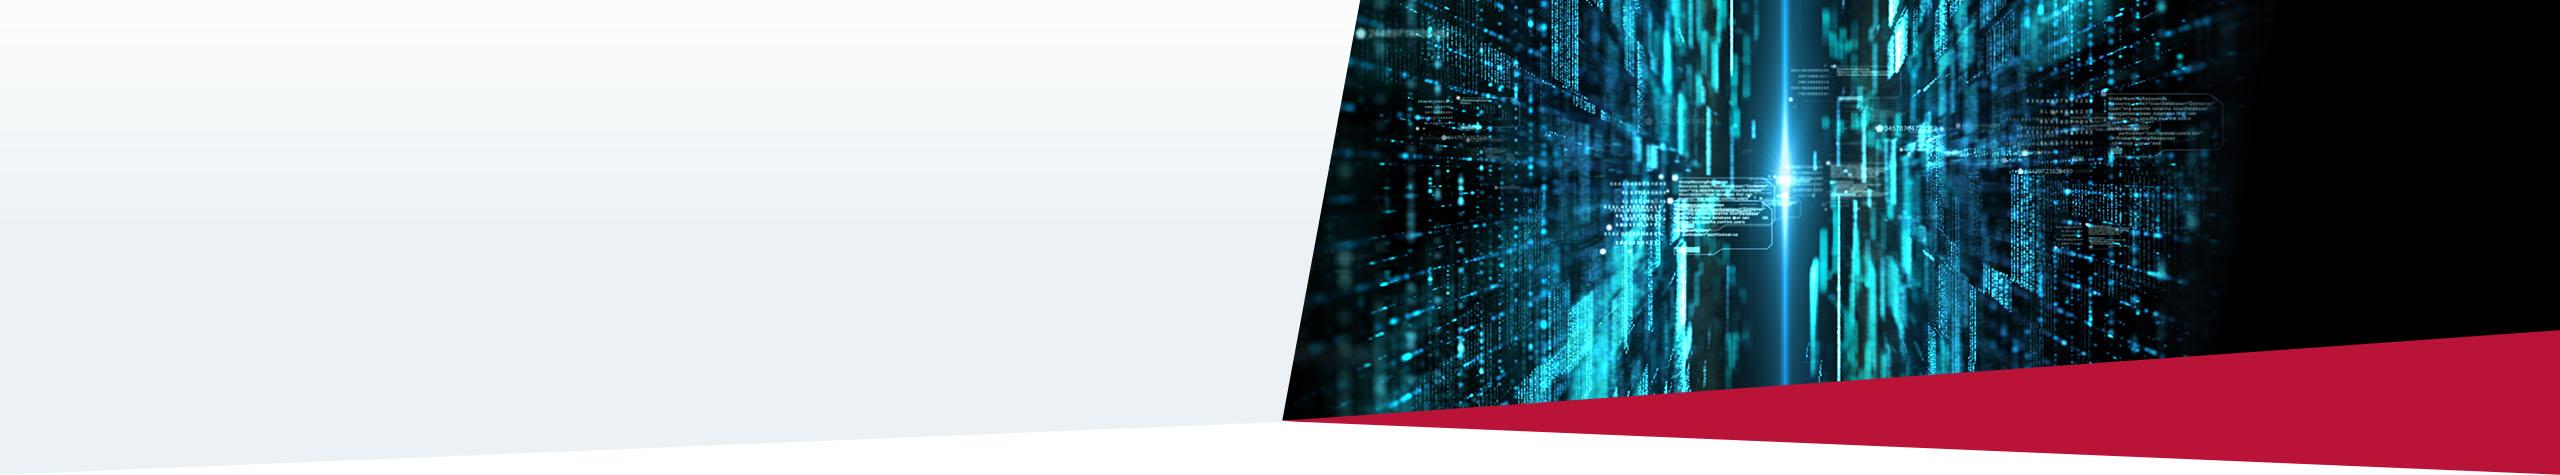 Integration Services Systeme, Daten und Menschen vernetzen